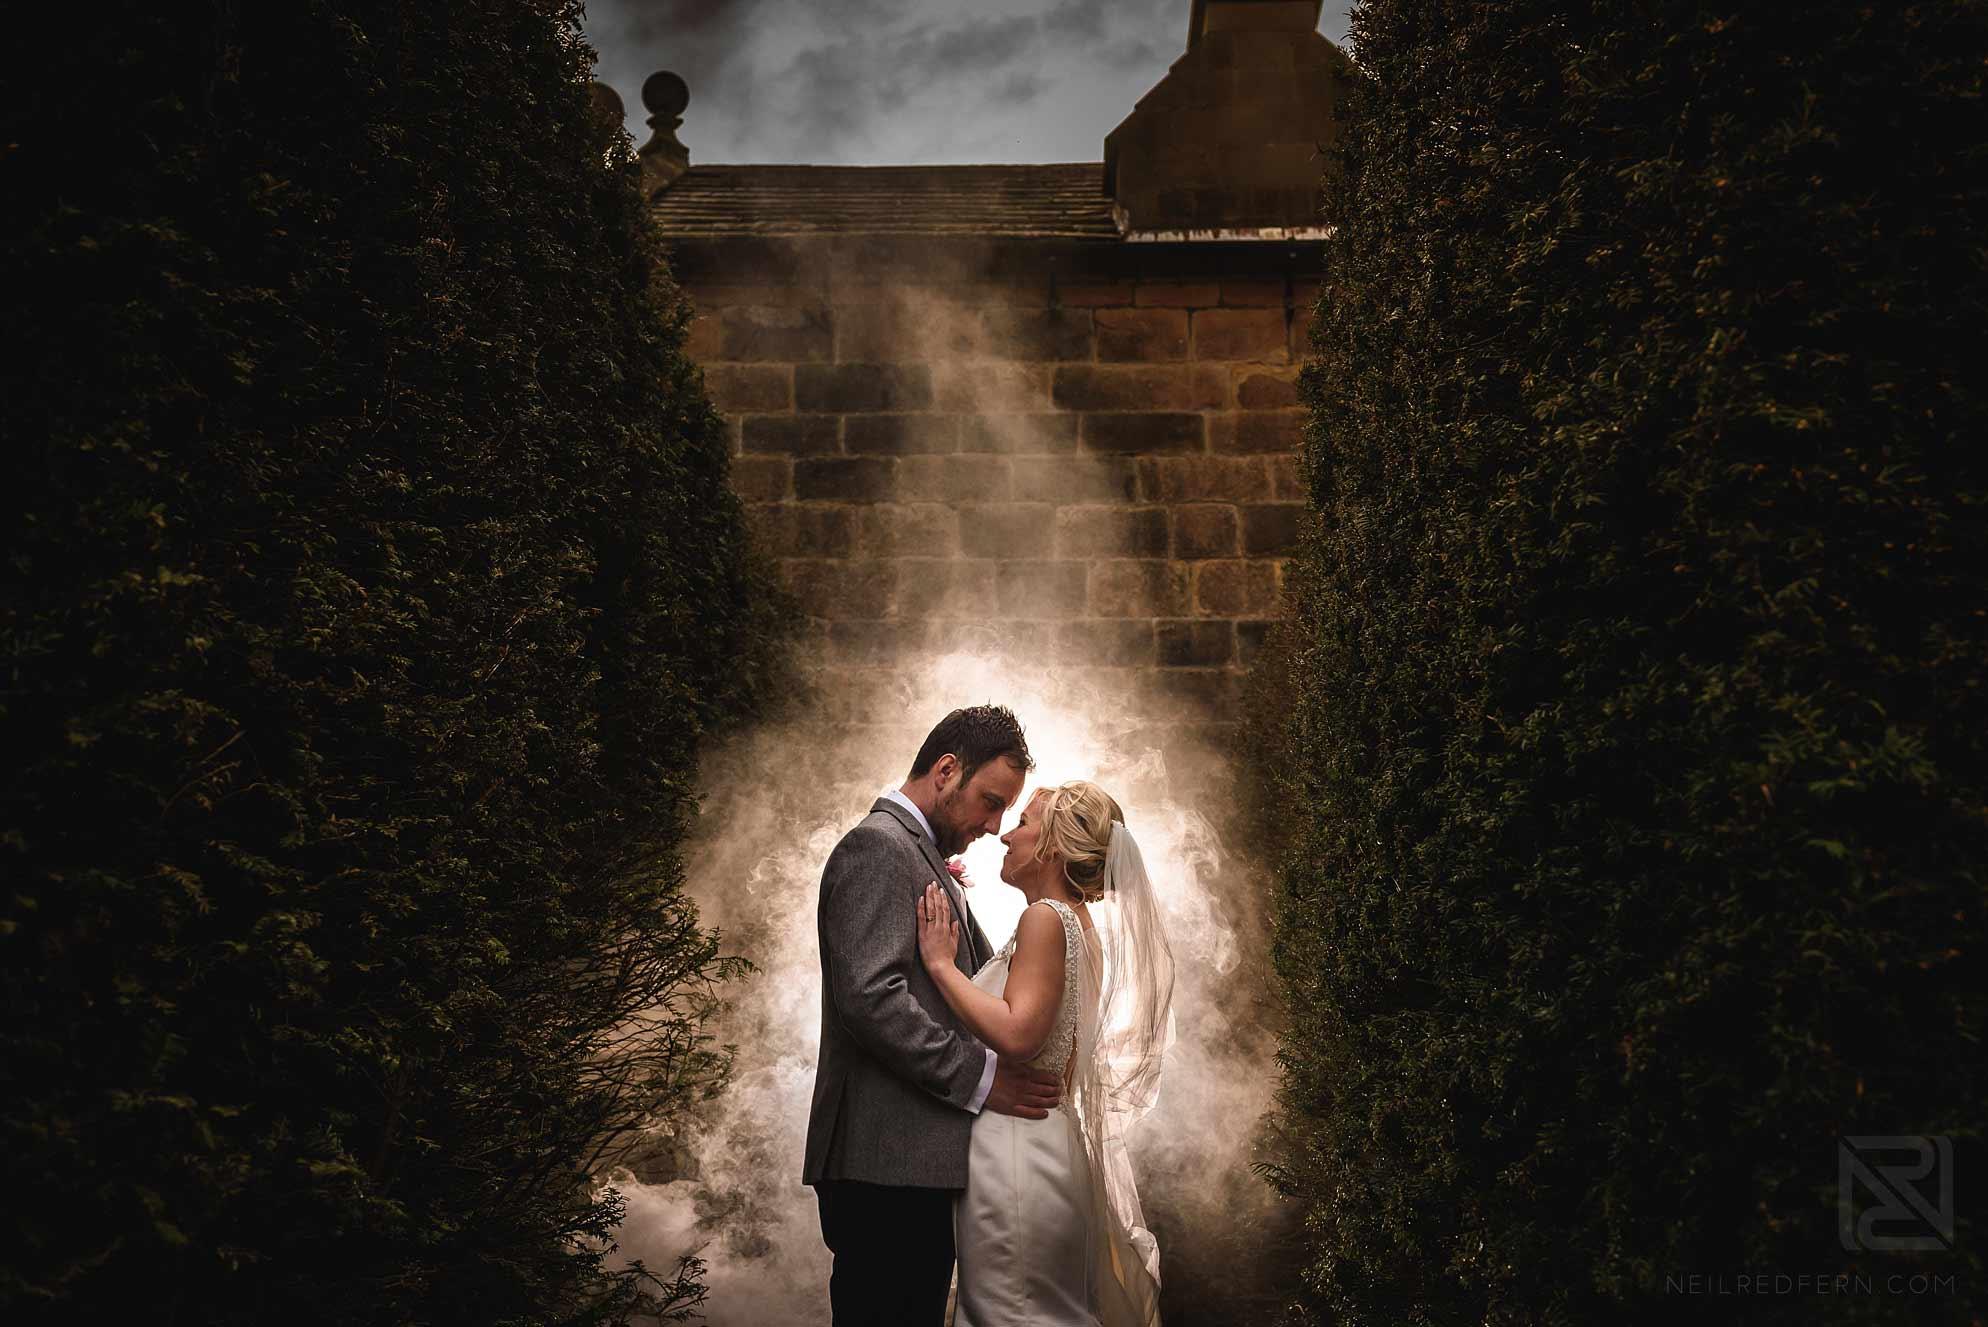 wedding-photography-workshop-lancashire-11